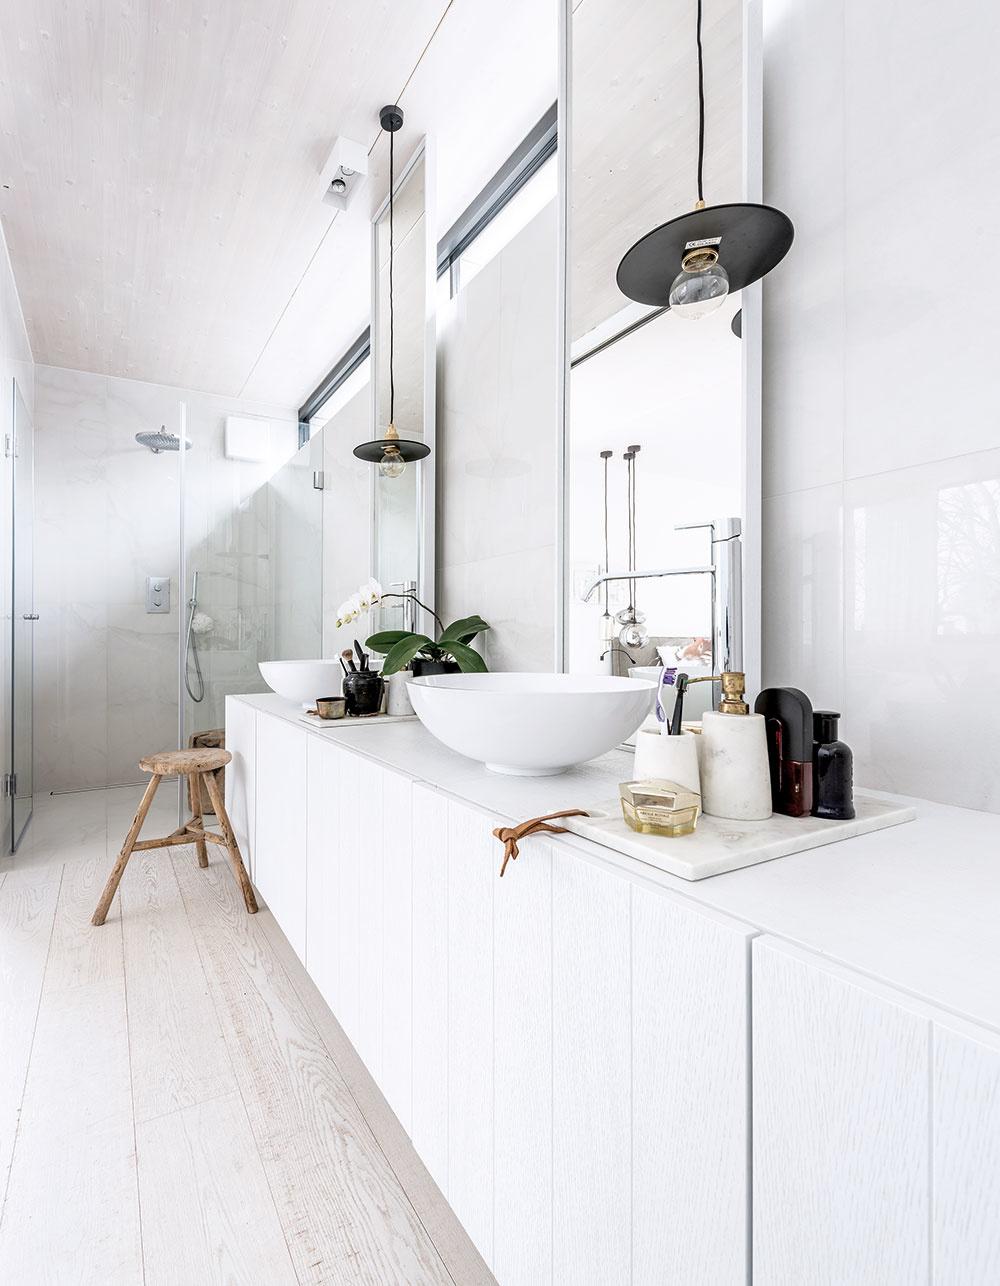 Predmety každodennej potreby nepôsobia v jednotlivých miestnostiach rušivo, ale prirodzene ich zabývajú – jednoduché kvádre nábytku s mramorovými doskami vytvárajú v kúpeľni priestor na kozmetické potreby.